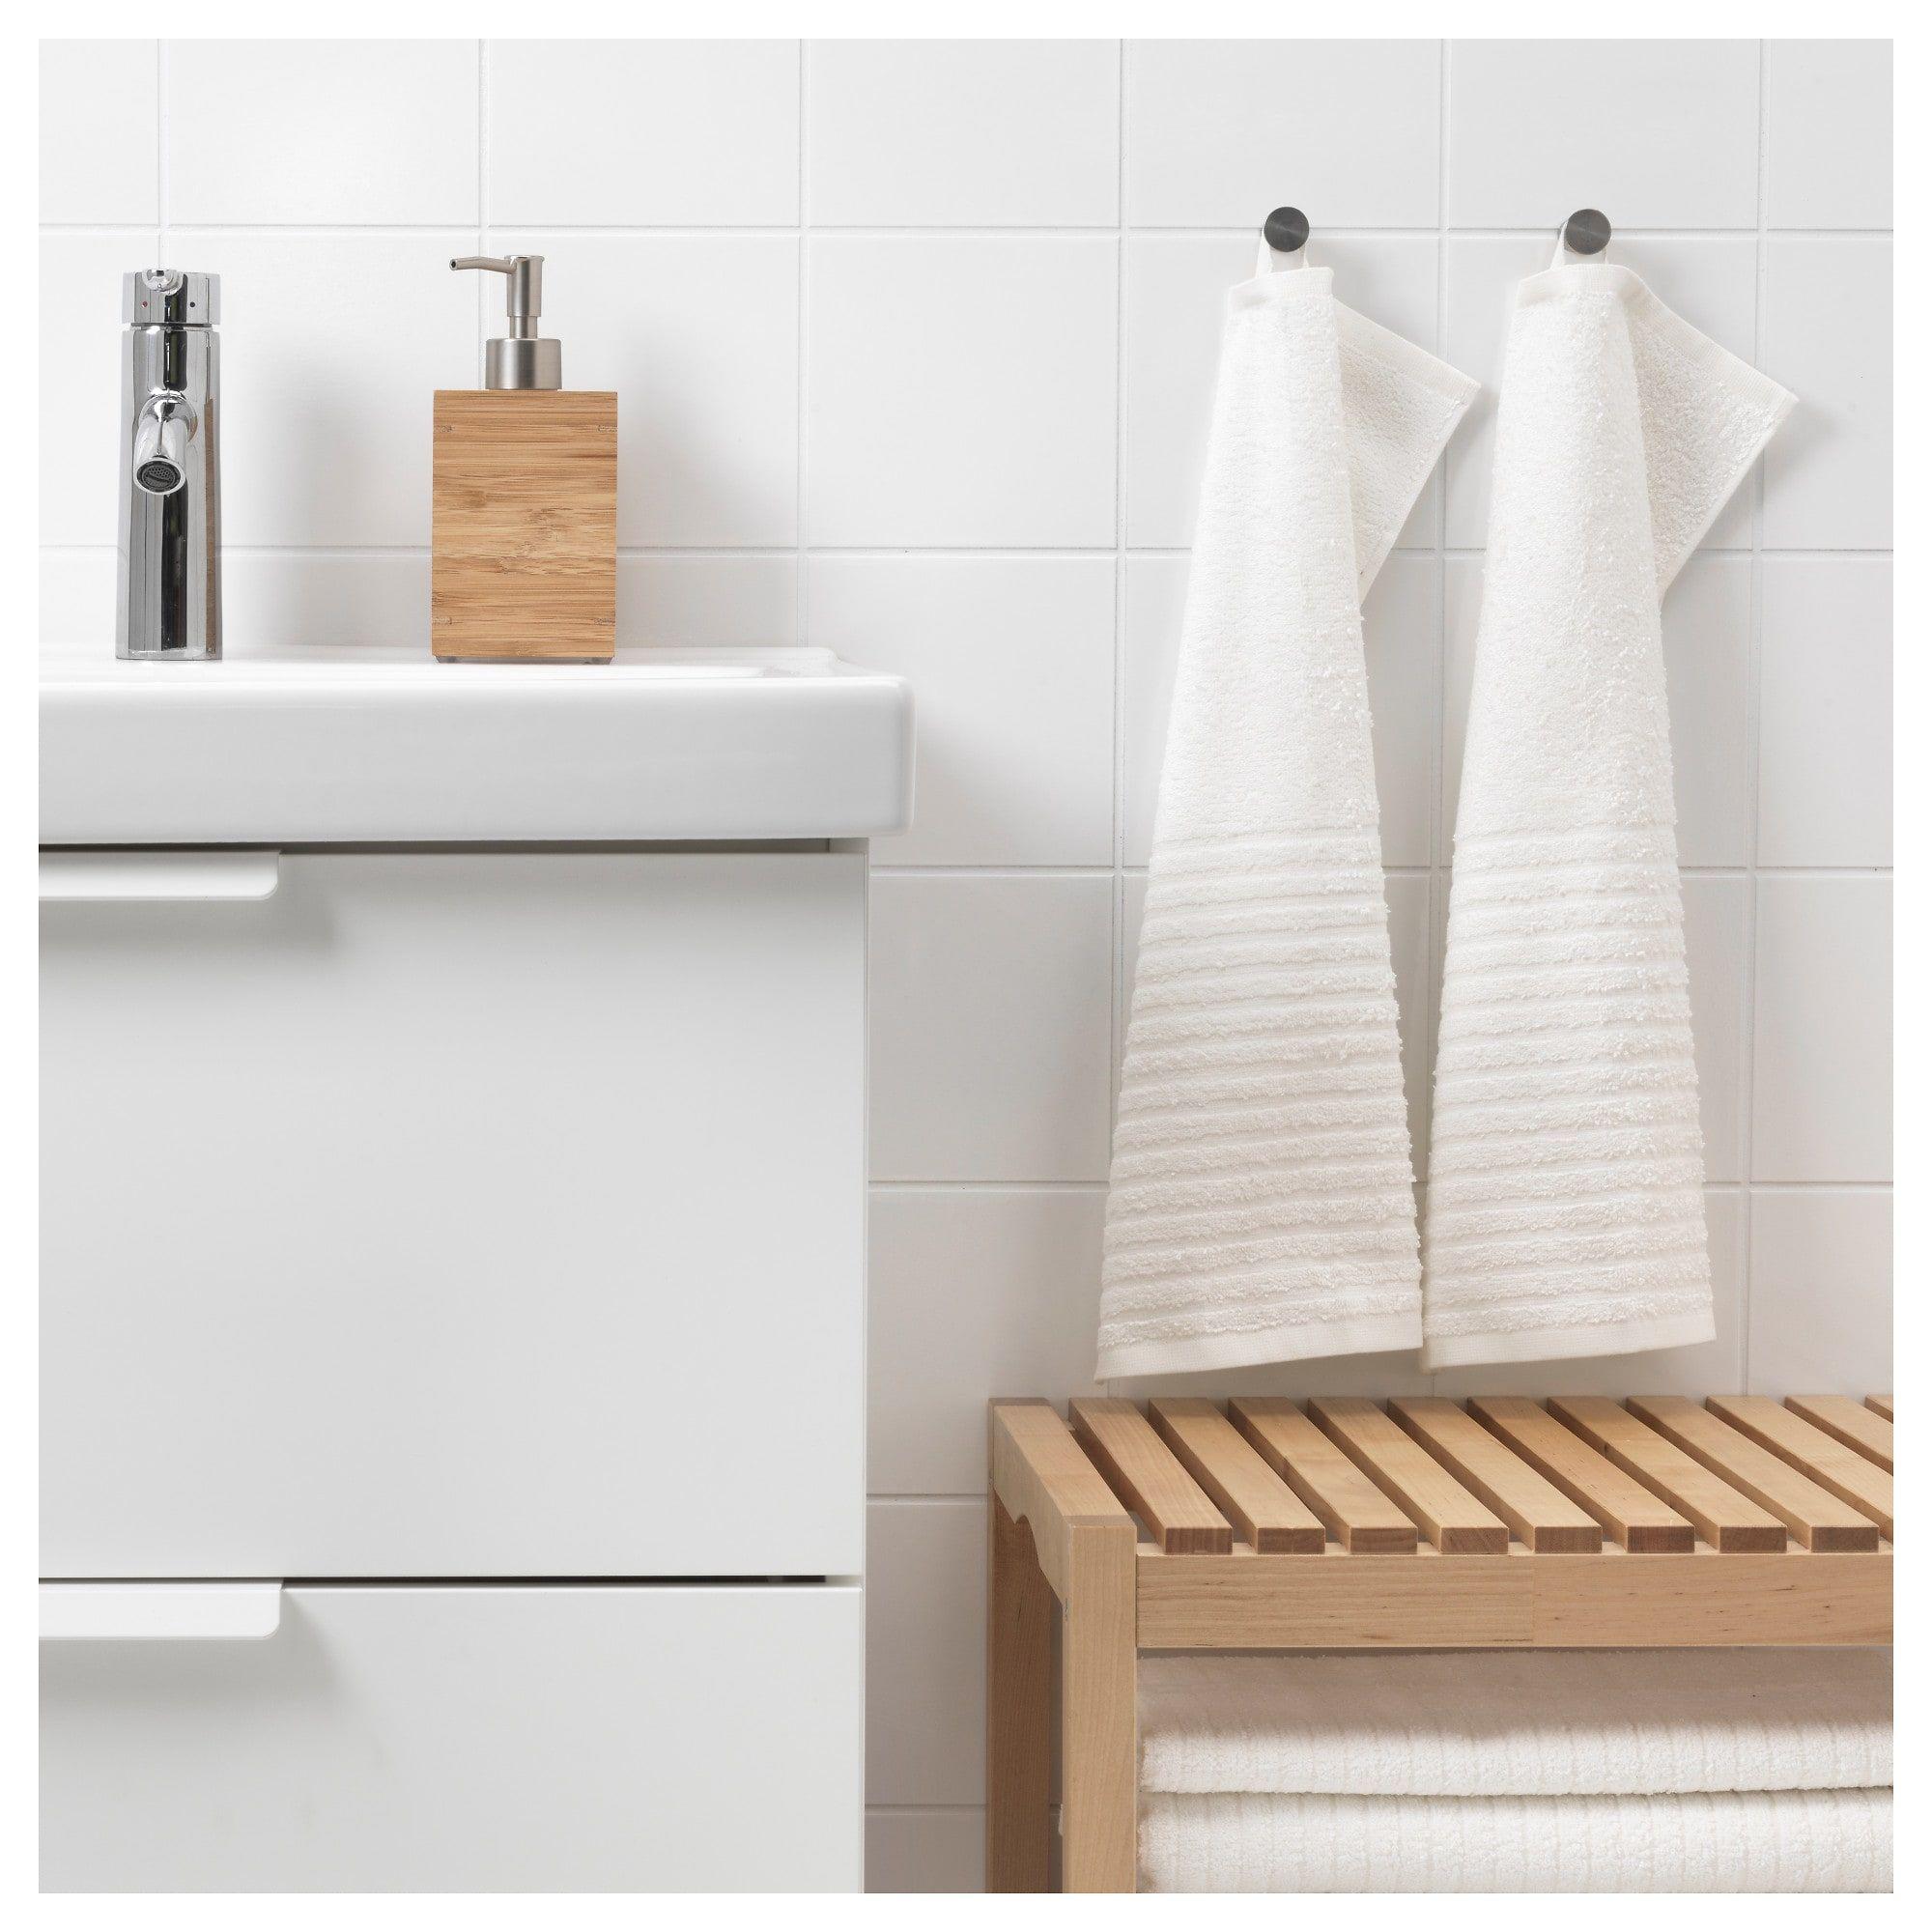 Vagsjon Gastehandtuch Weiss Ikea Ikea Produkte Und Handtucher